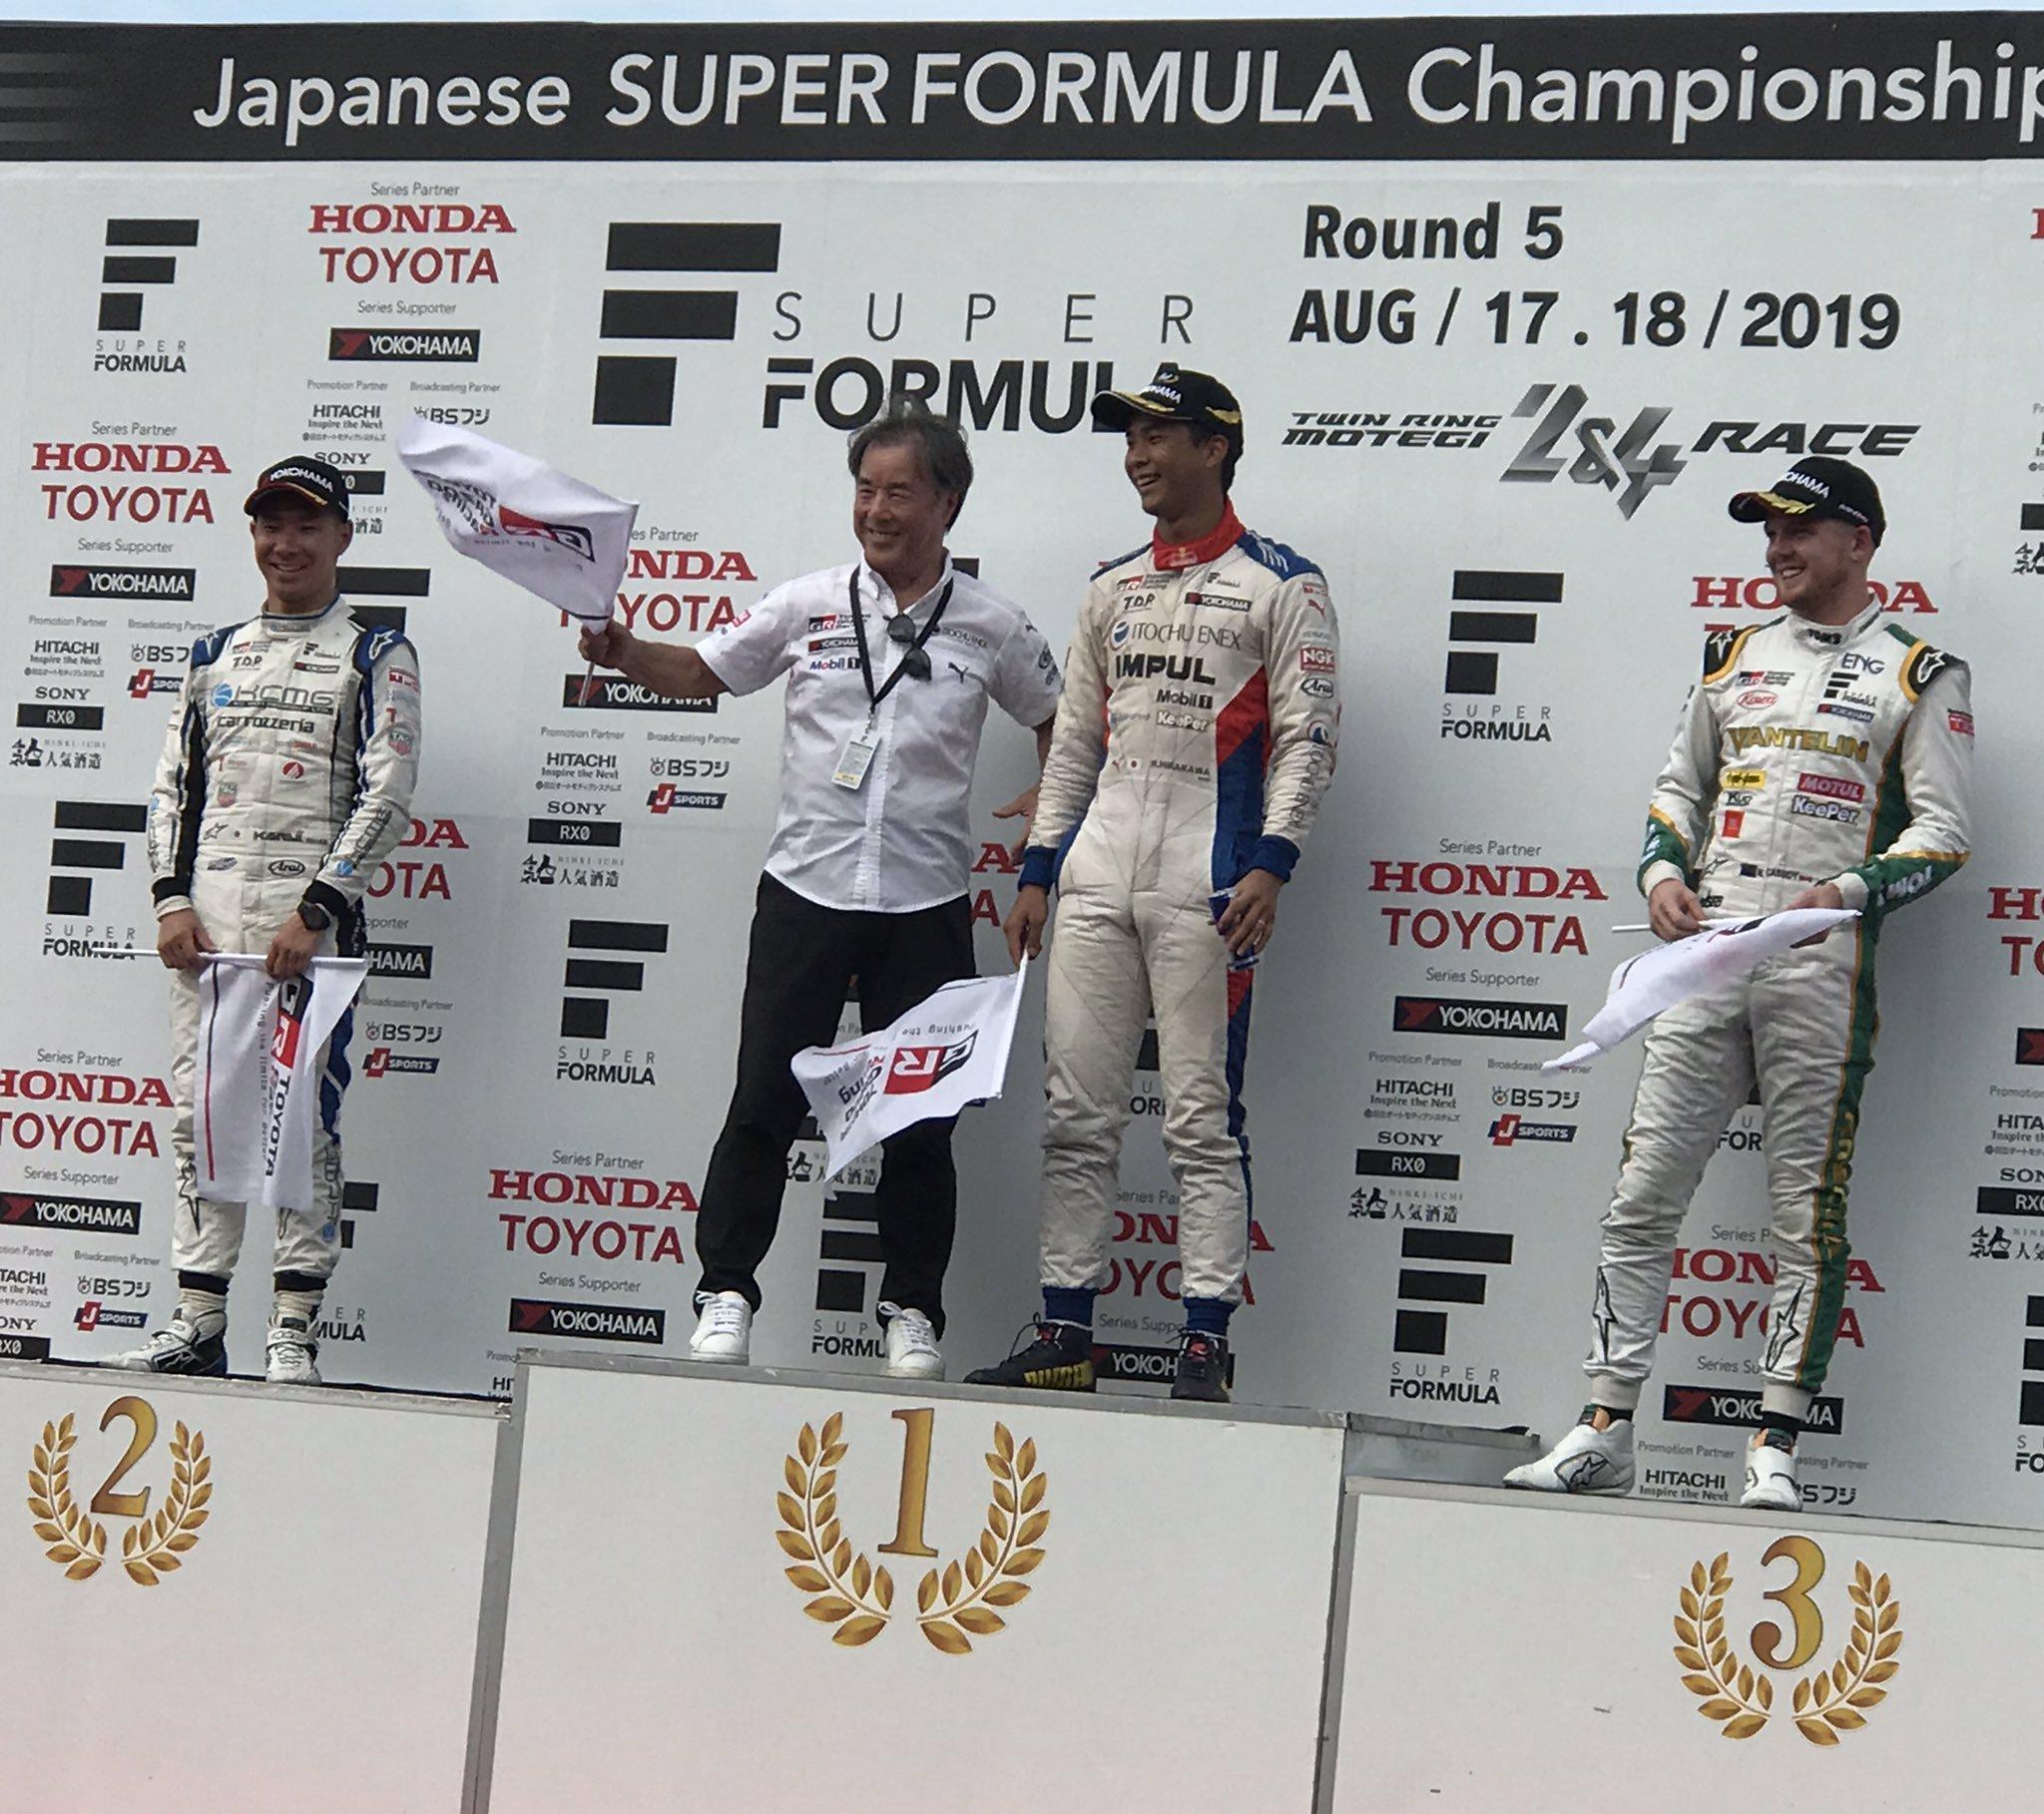 Провал лидера сезона и первая победа Хиракавы. Итоги визита «Супер Формулы» в Мотеги